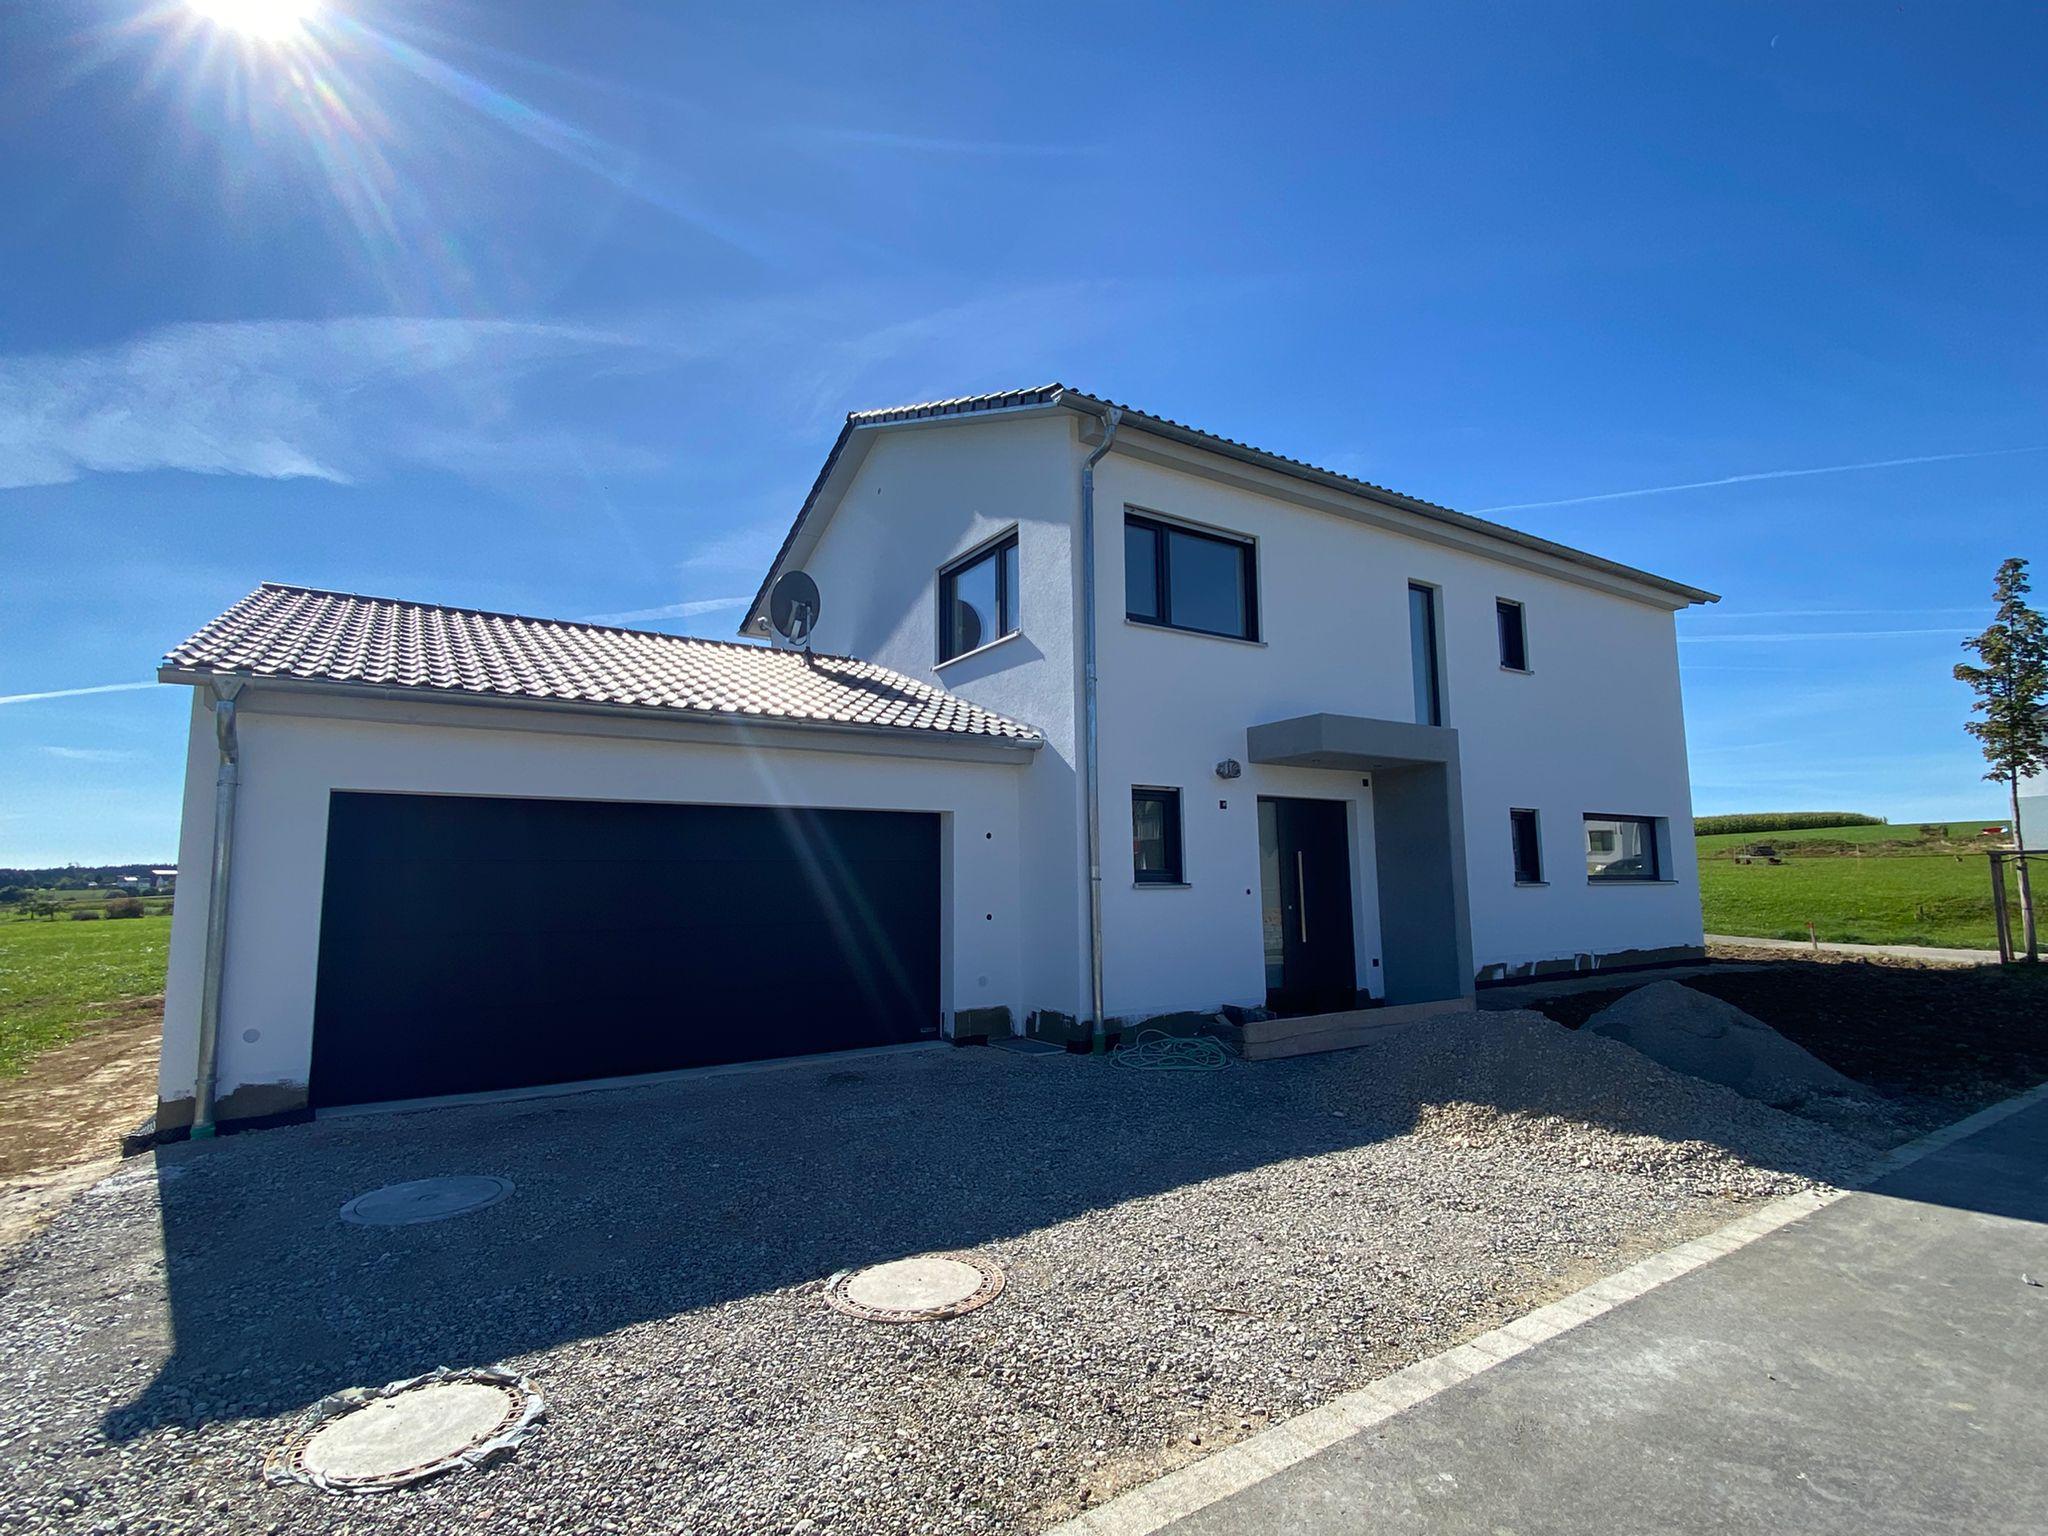 Bauherrentage Hausbesichtigung 16. Oktober und 17. Oktober 2021 in Scherstetten